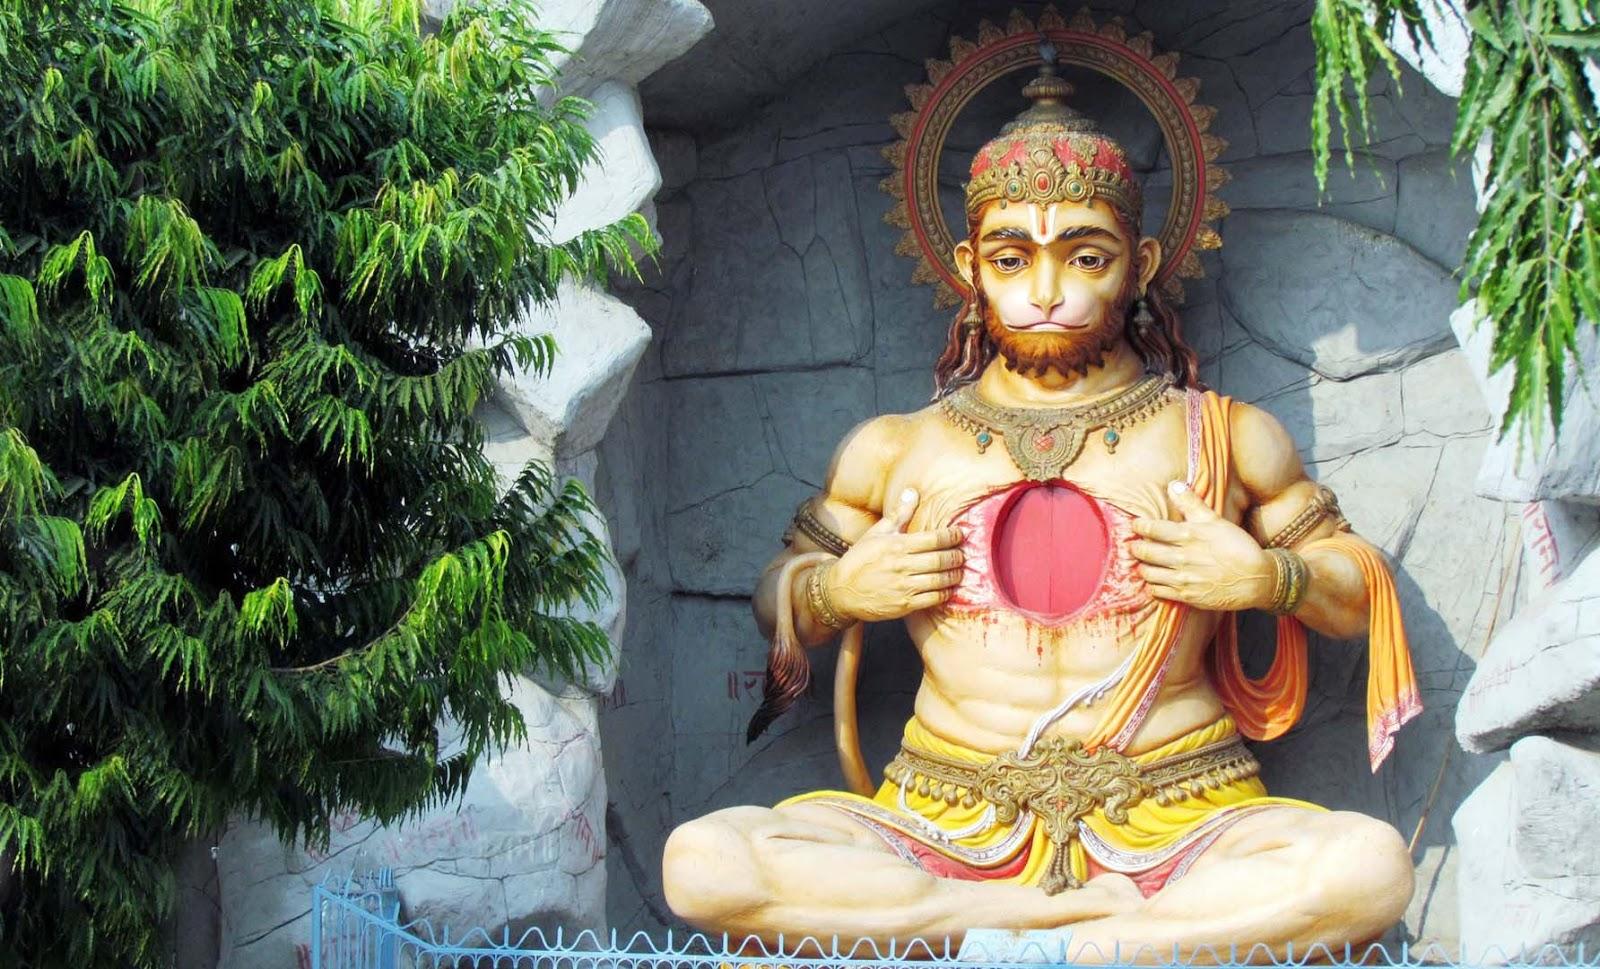 New Full Hd Images Of Hanumanji Free Download Love -4123